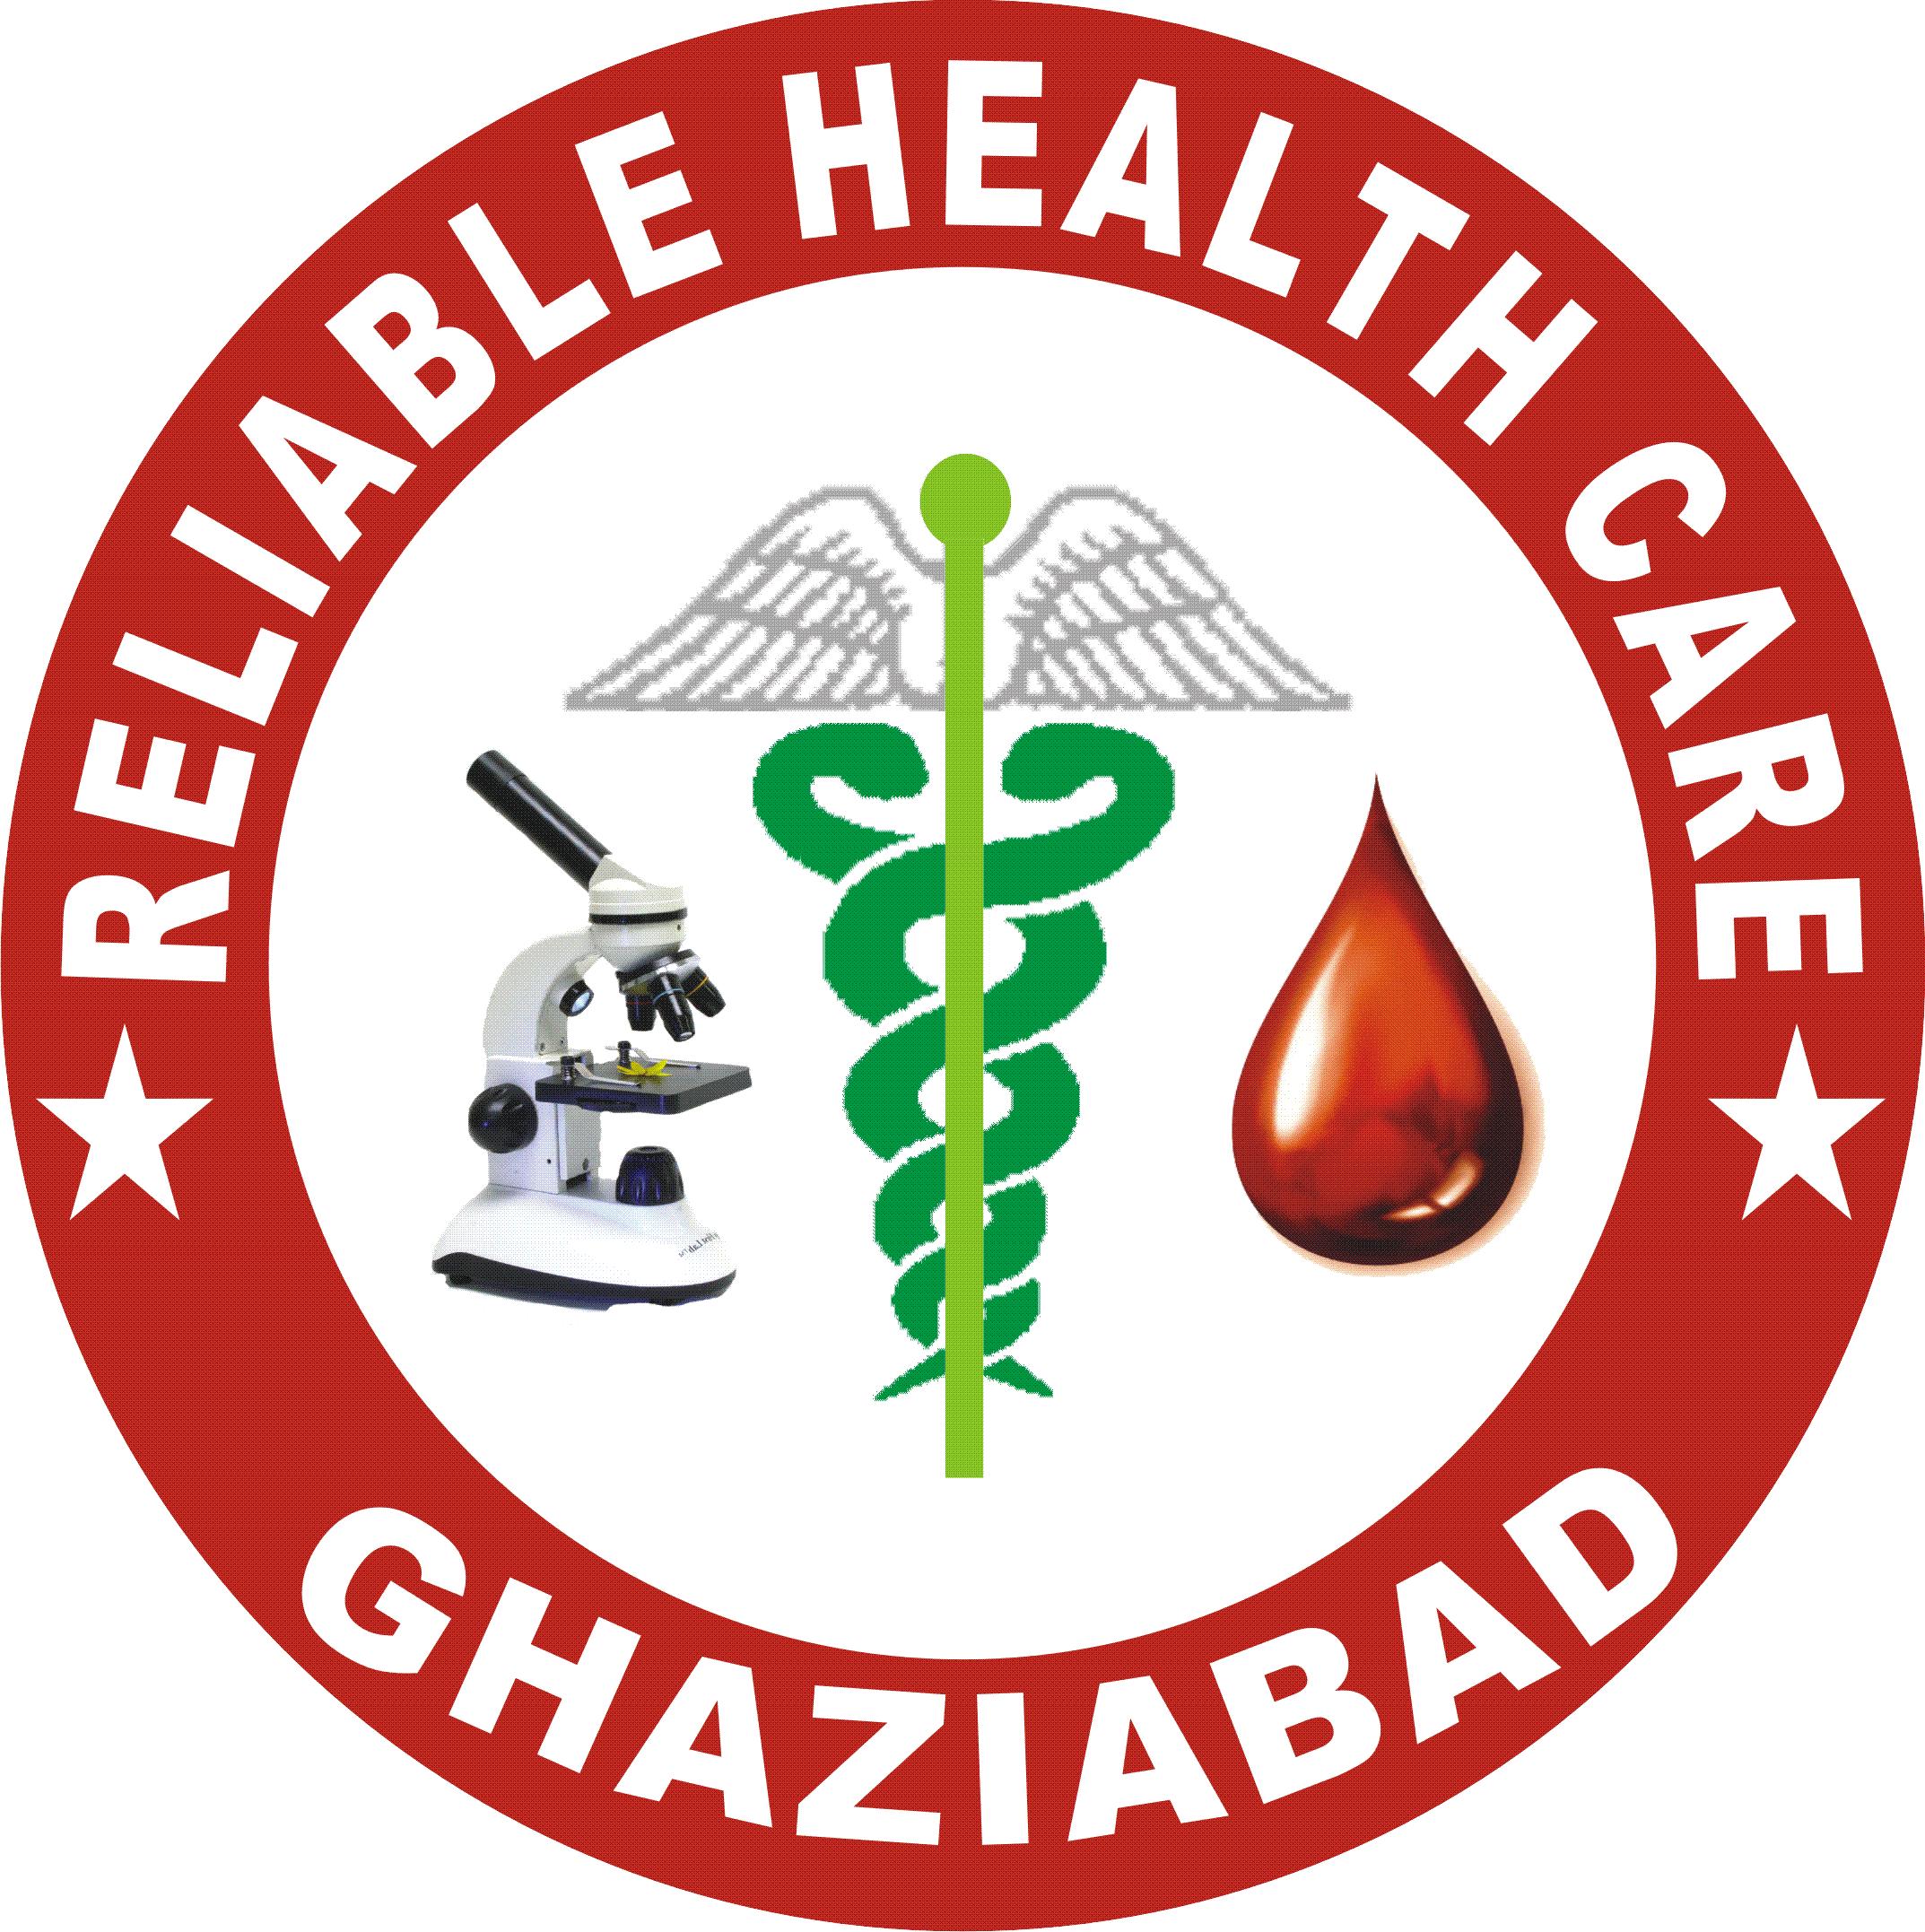 Reliable HealthCare, Diagnostics & Pathology - Crossings Republik - Ghaziabad Image